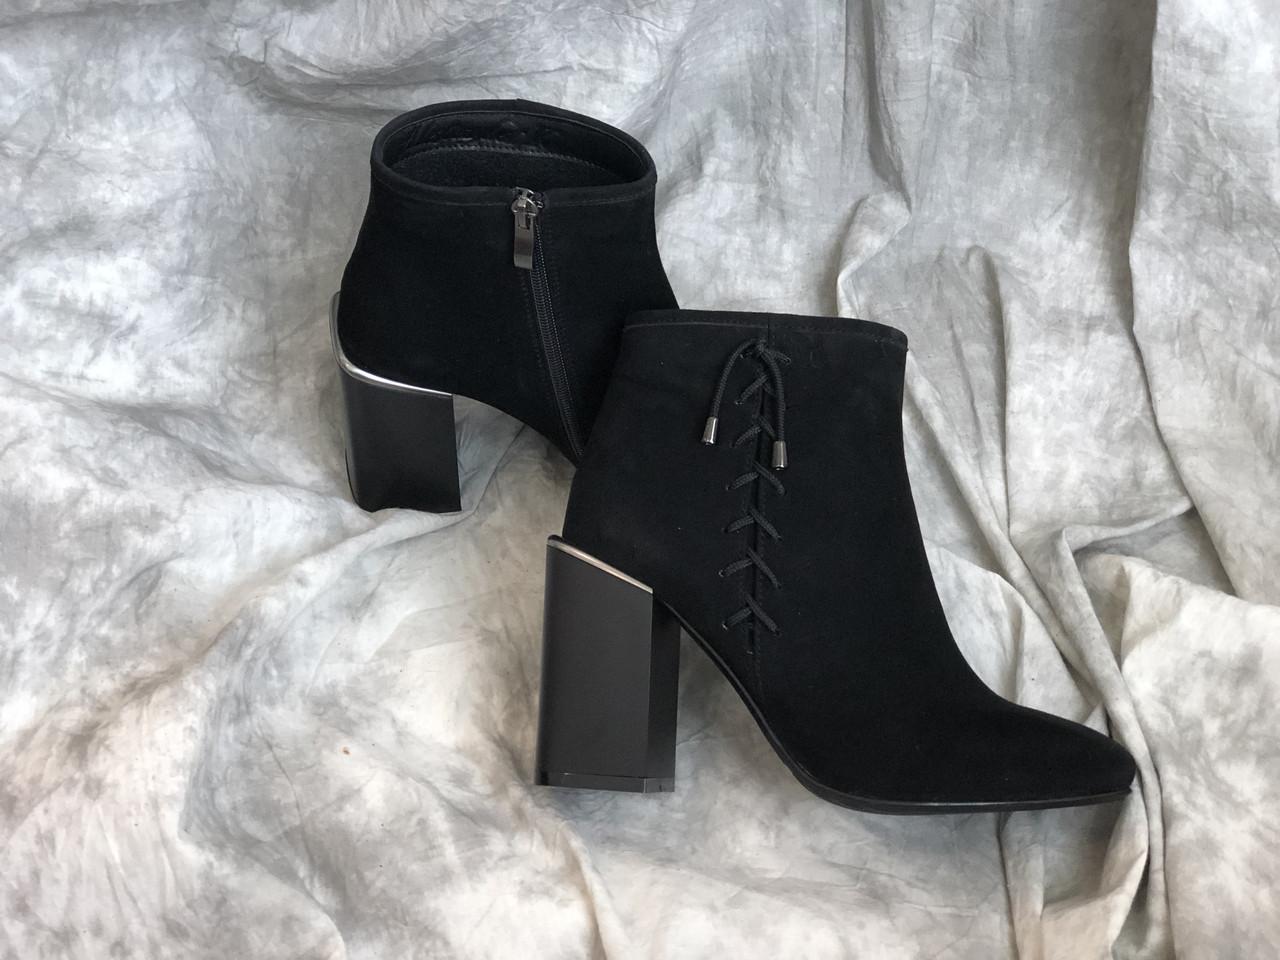 Демисезонные женские кожаные сапоги на каблуке Alexandr 1058 ч/з размеры 35,36,37,38,39,40